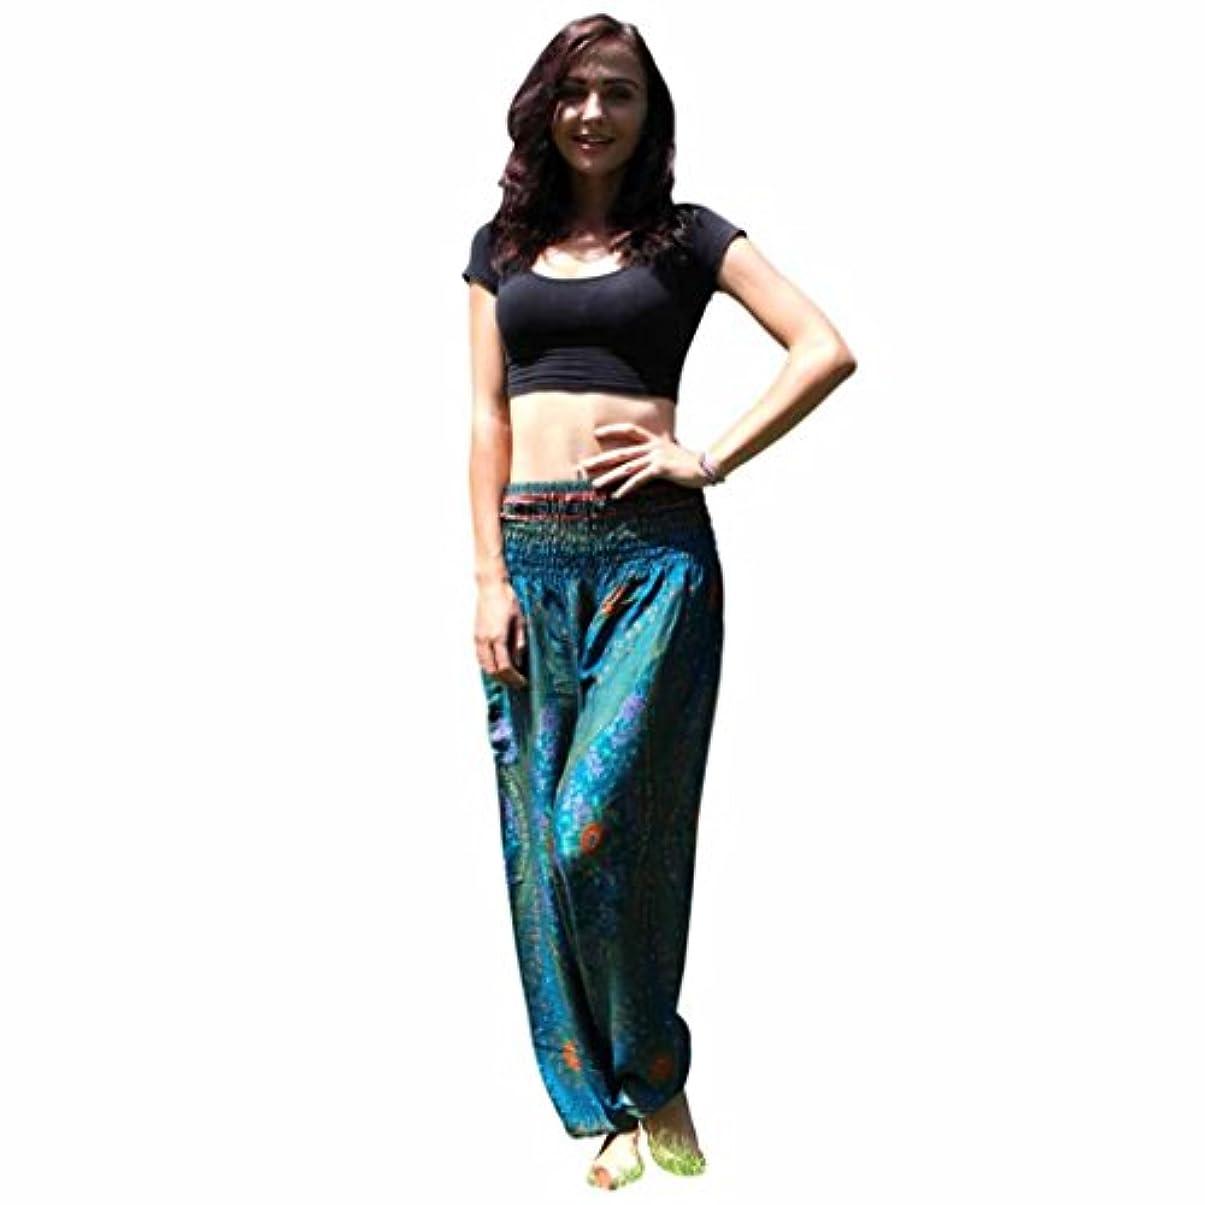 調停するシンボル救出Mhomzawa パンツ男性女性タイのハレムのズボンフェスティバルヒッピーのスモックハイウエストのパンツのタイハーレムヨガ?パンツ